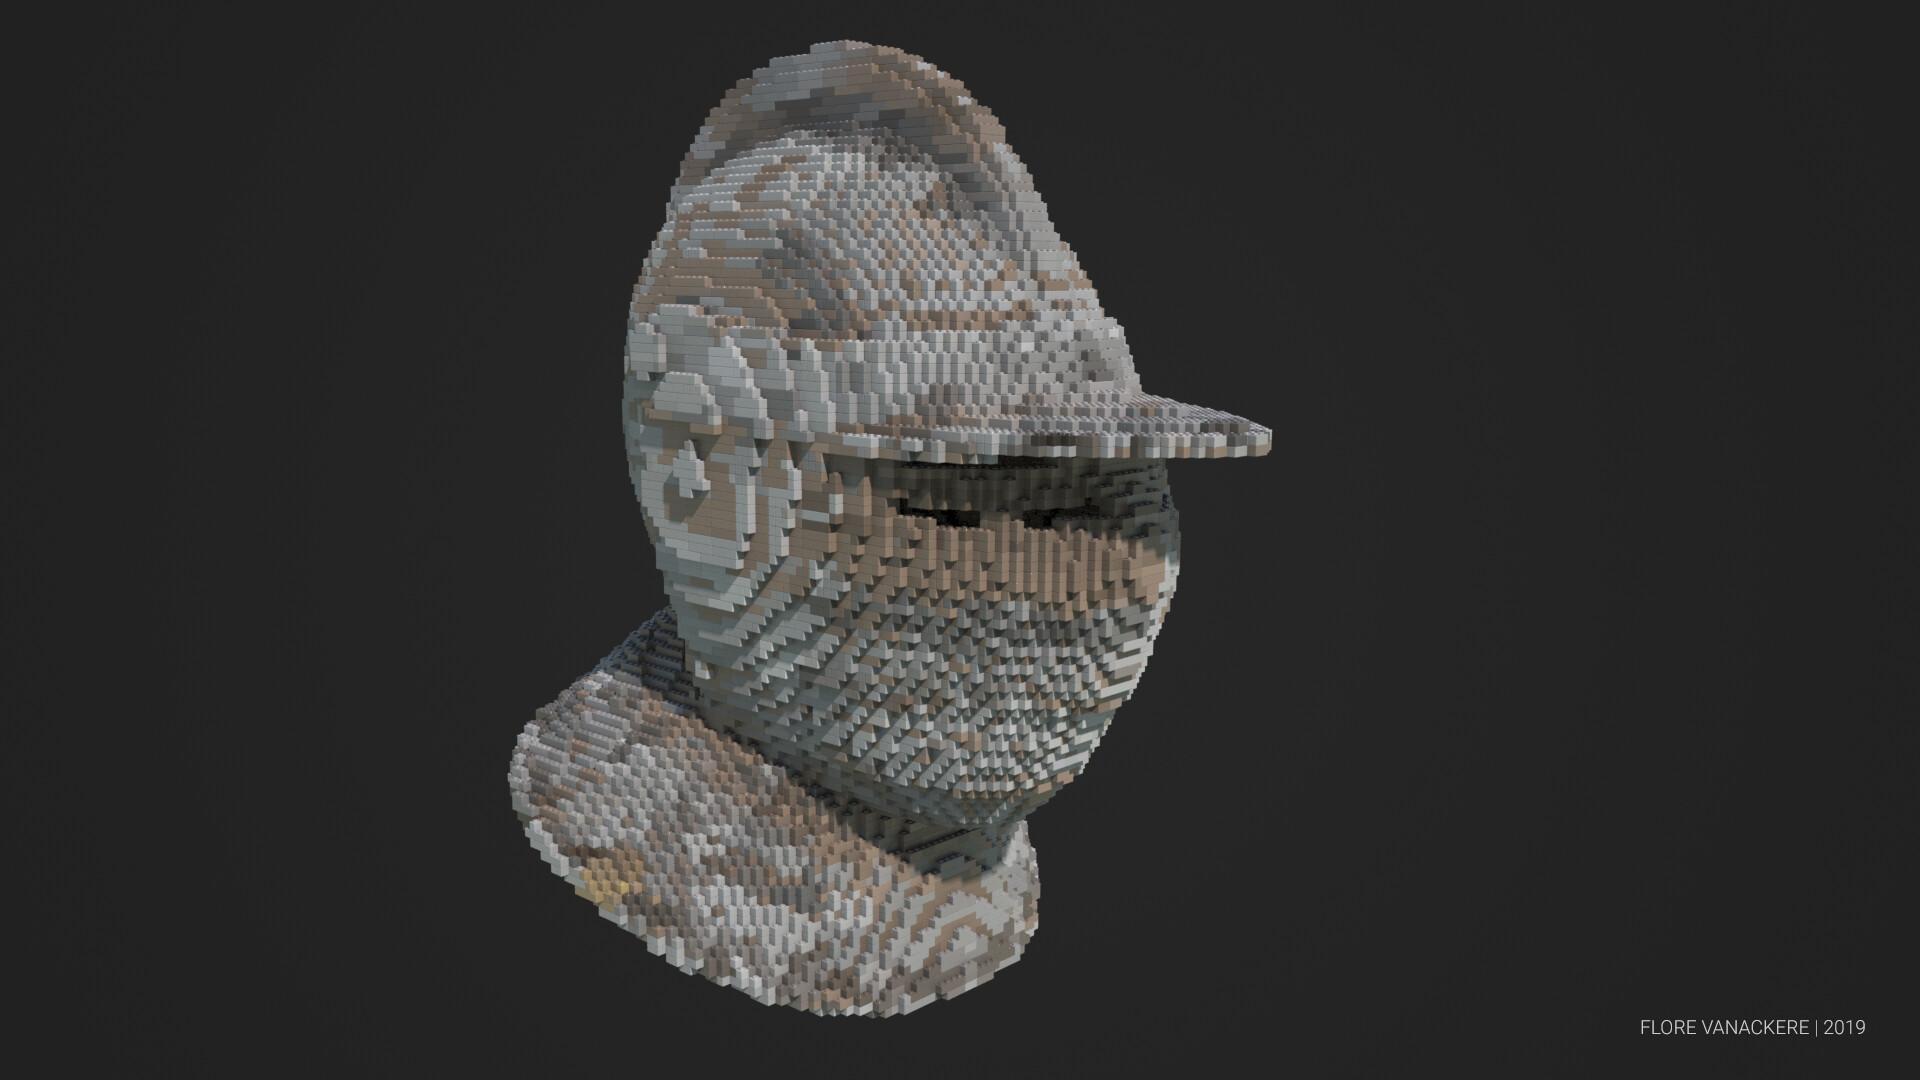 Flore vanackere helmet